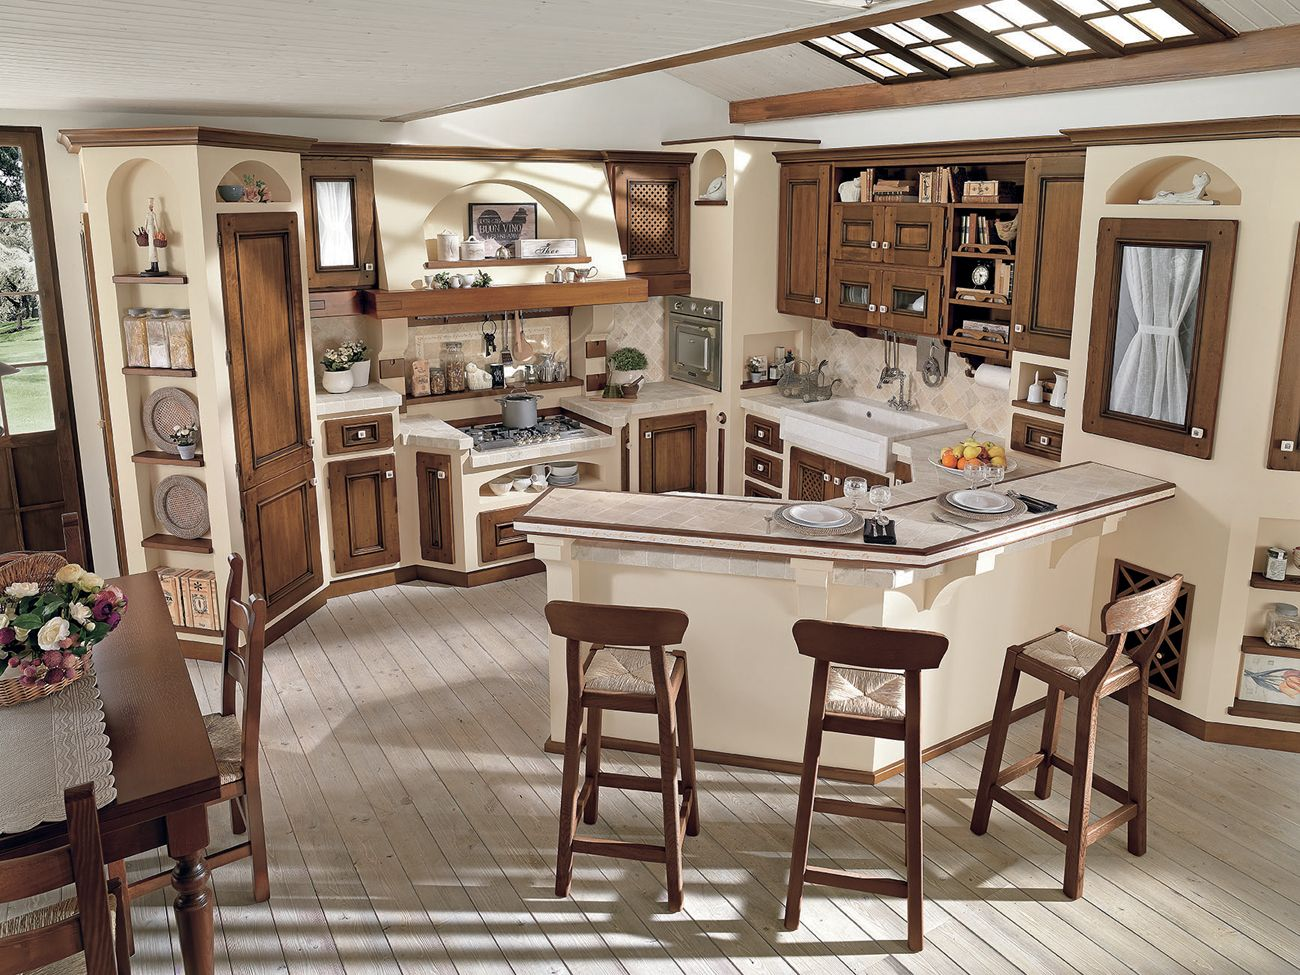 Foto delle cucine in muratura moderne e personalizzabili for Decorazioni cucine moderne